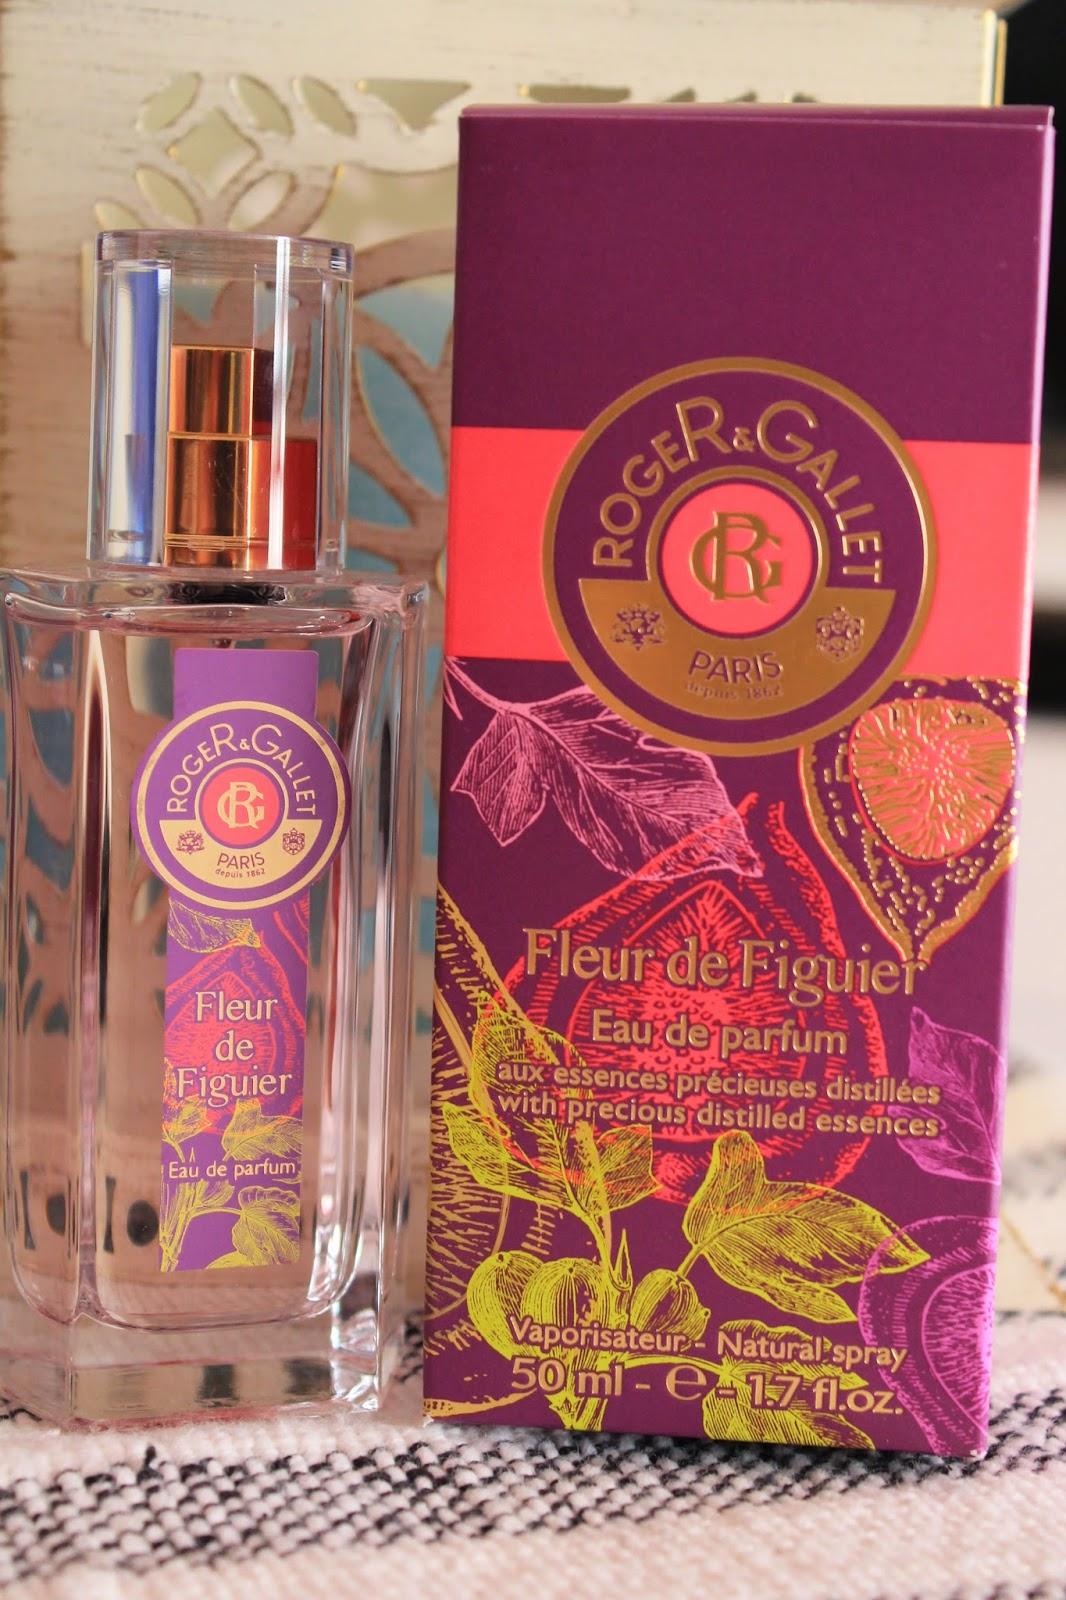 My Sweet Valentine Roger Gallet Fleur De Figuier Eau De Parfum